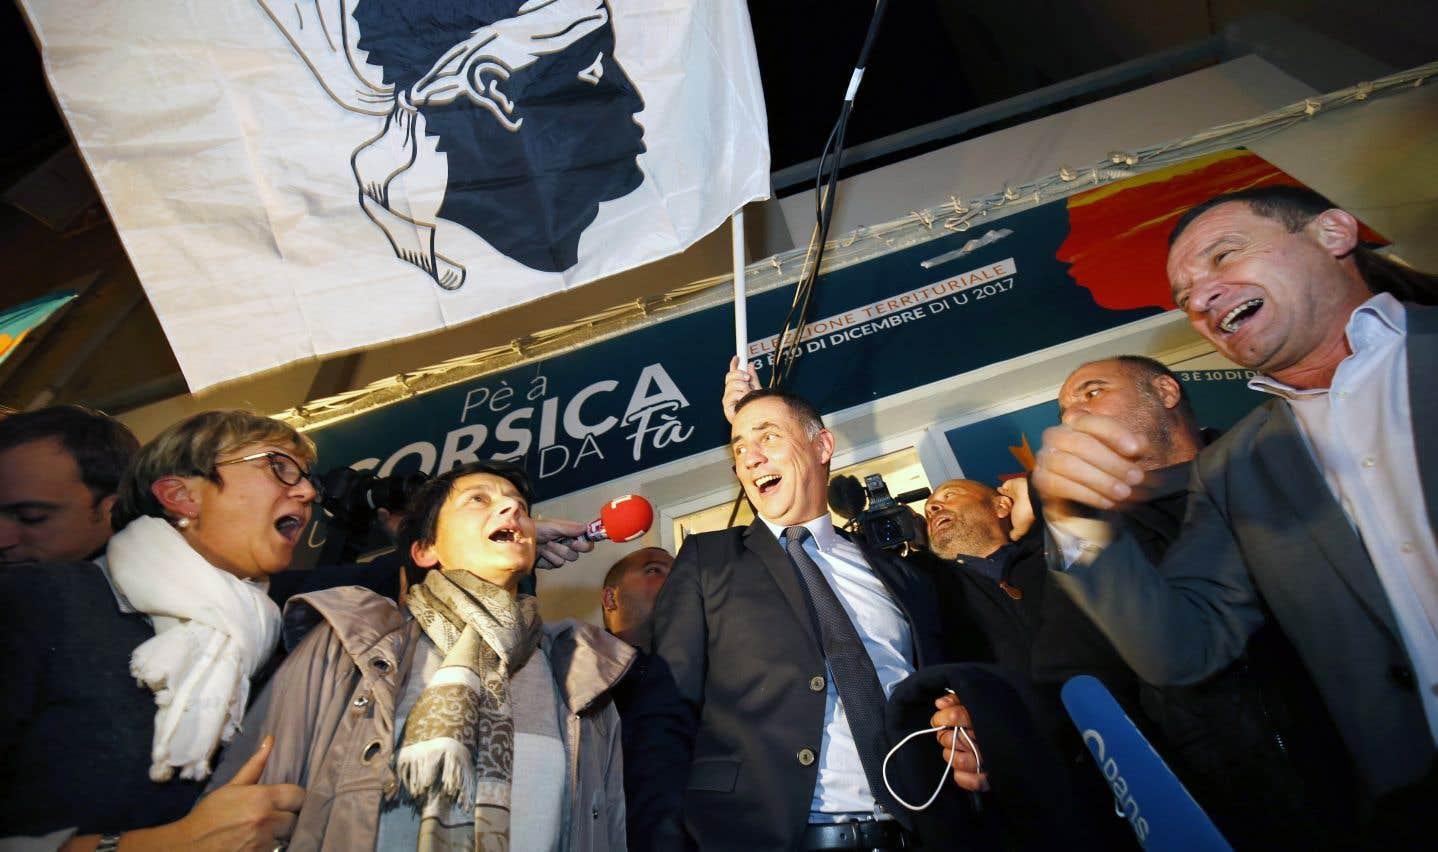 Ce qui est inédit à propos de l'élection territoriale de dimanche dernier, c'est l'ampleur du score: 45% pour la liste Simeoni-Talamoni et 7% sur une liste nationaliste dissidente.